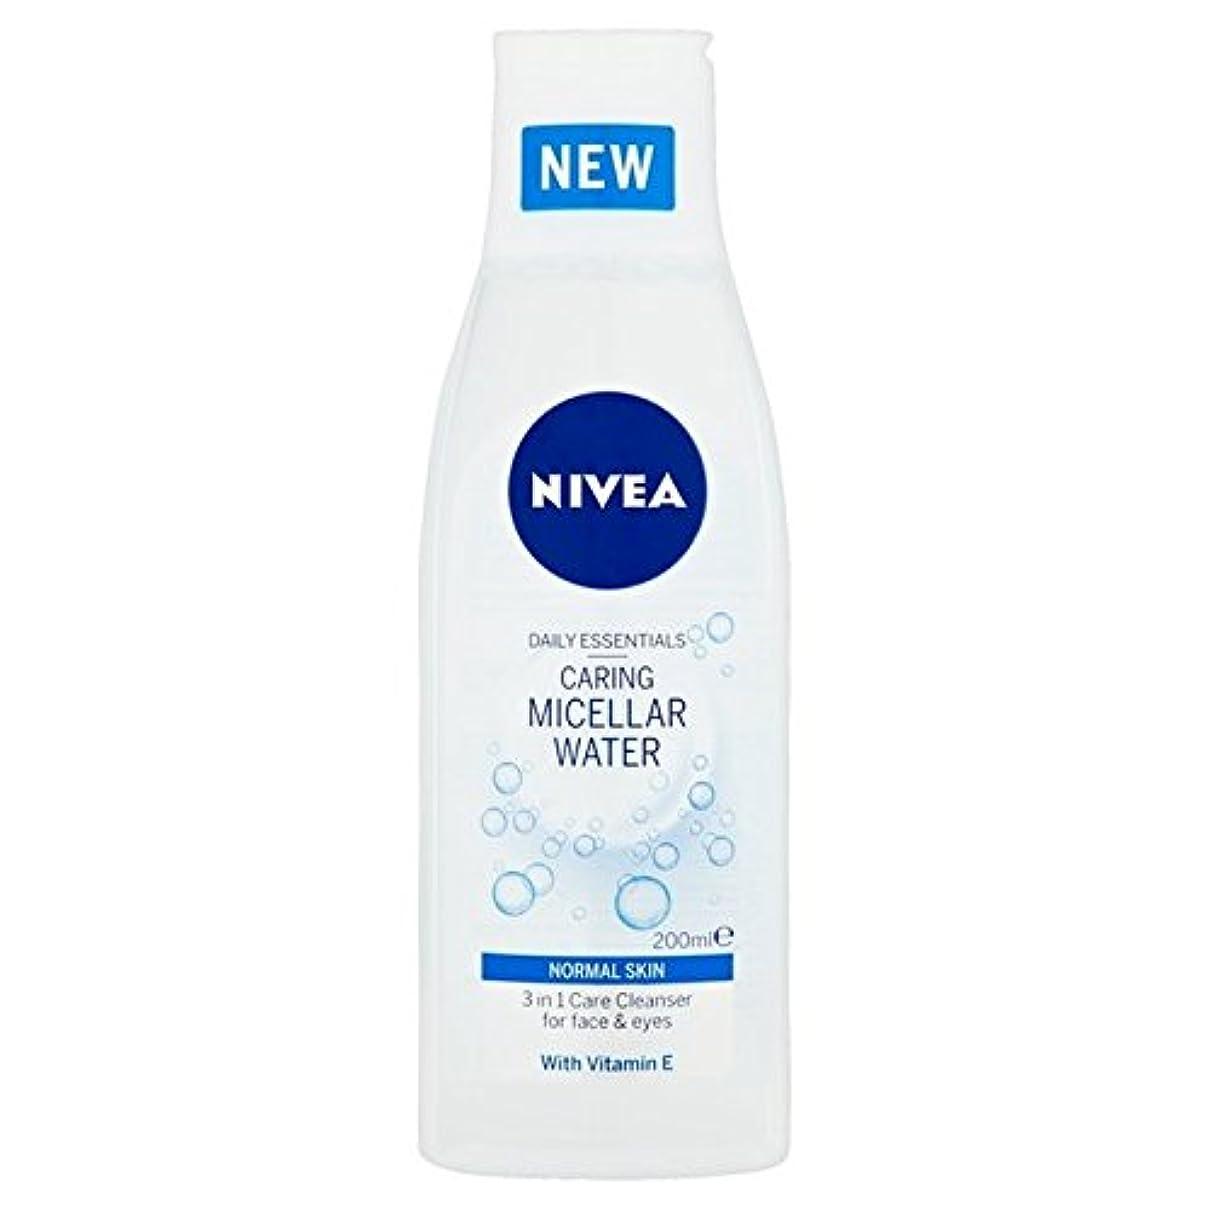 副チップピカリングNivea 3 in 1 Sensitive Caring Micellar Water Normal Skin 200ml - 1つの敏感な思いやりのあるミセル水の正常な皮膚の200ミリリットルでニベア3 [並行輸入品]